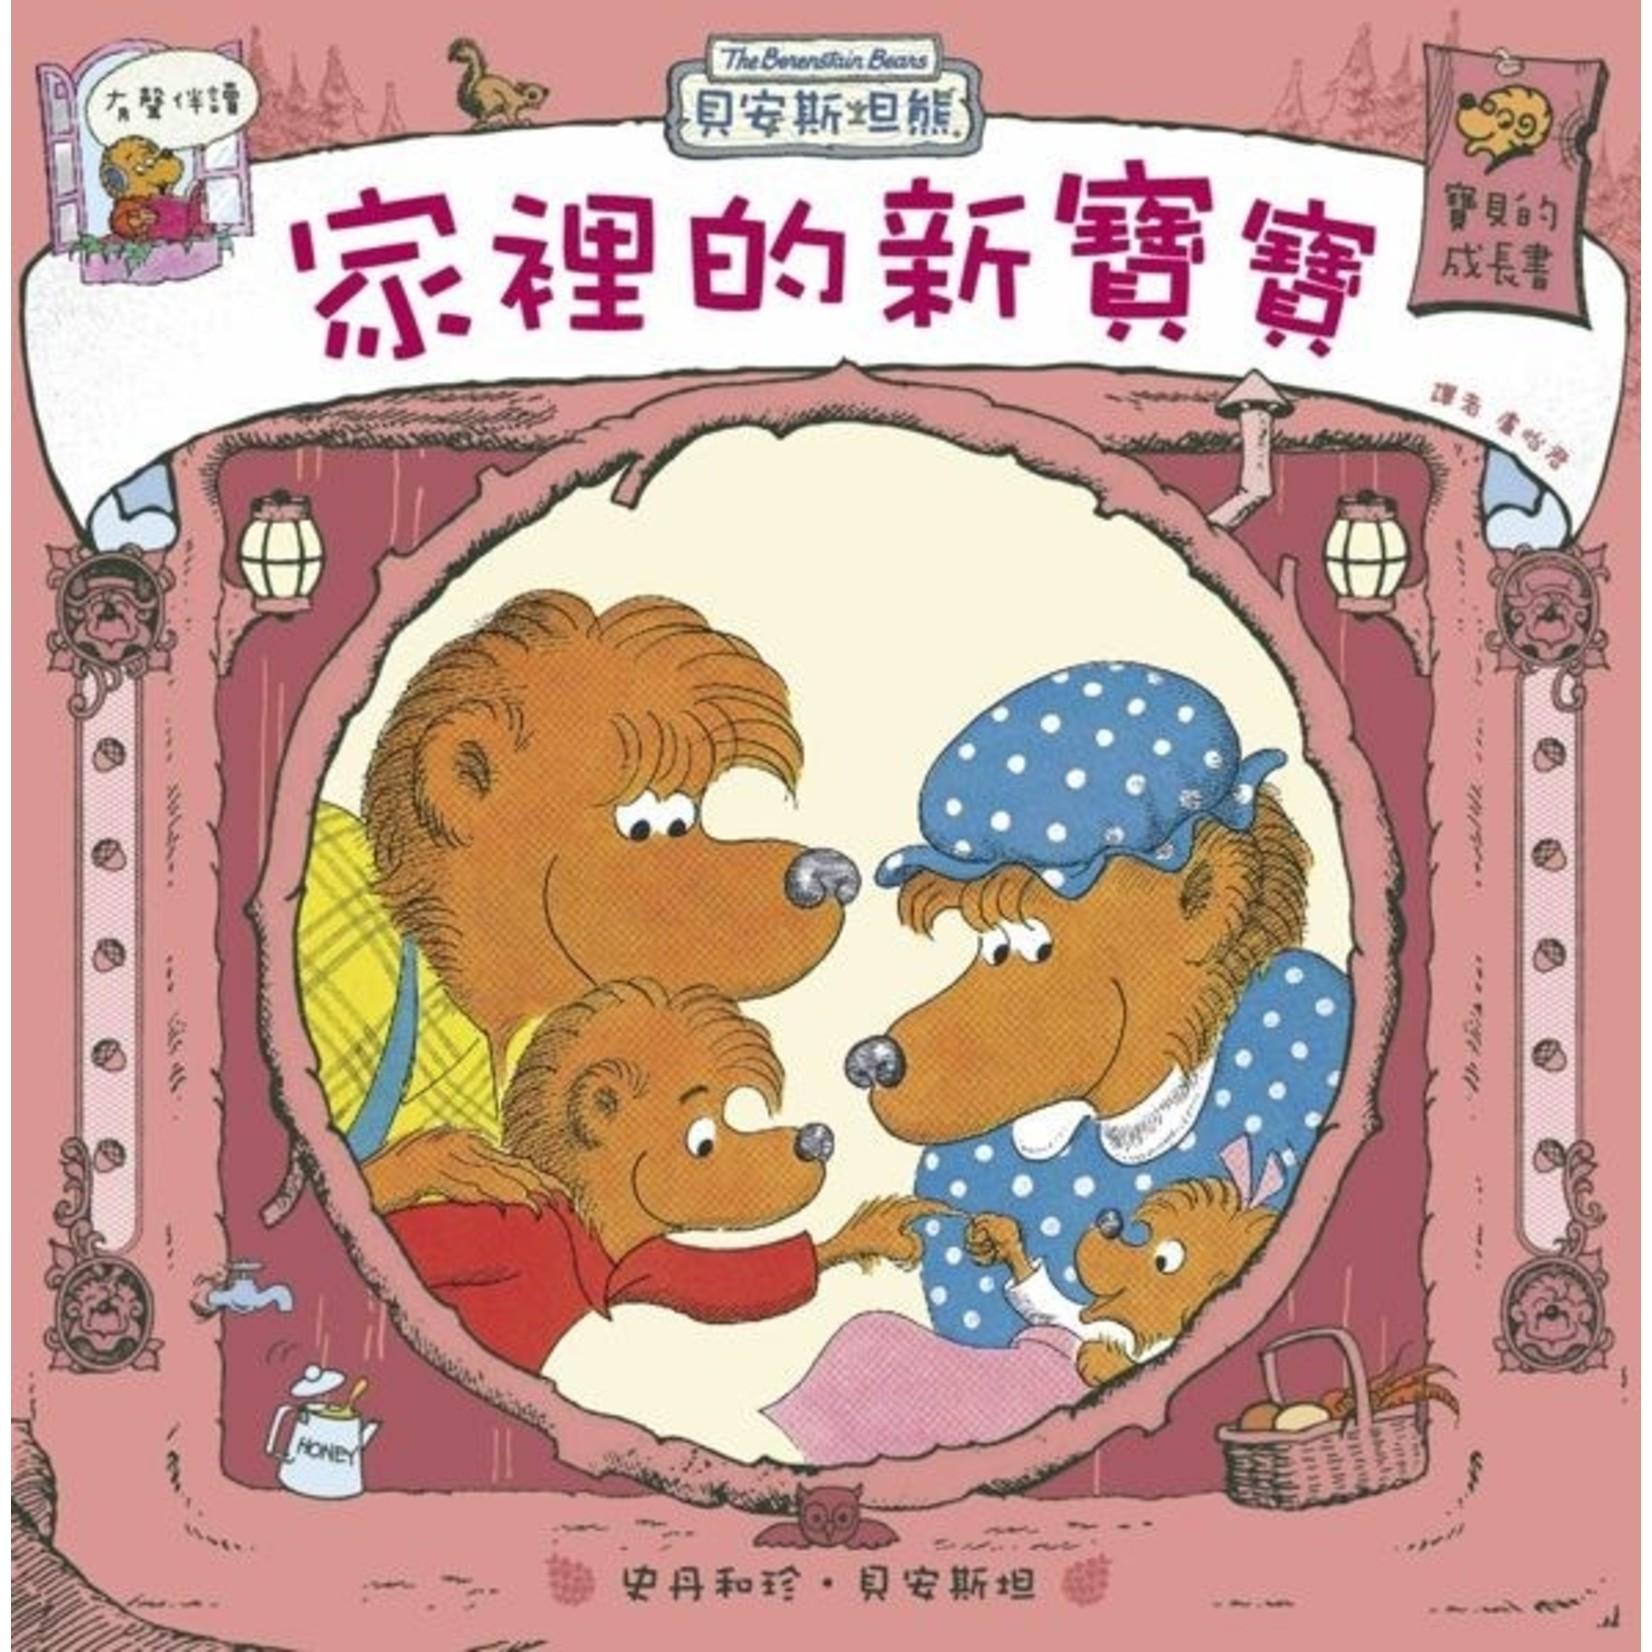 生命樹 Life Tree Global 貝安斯坦熊系列11:家裡的新寶寶 The Berenstain Bears 11: New Baby